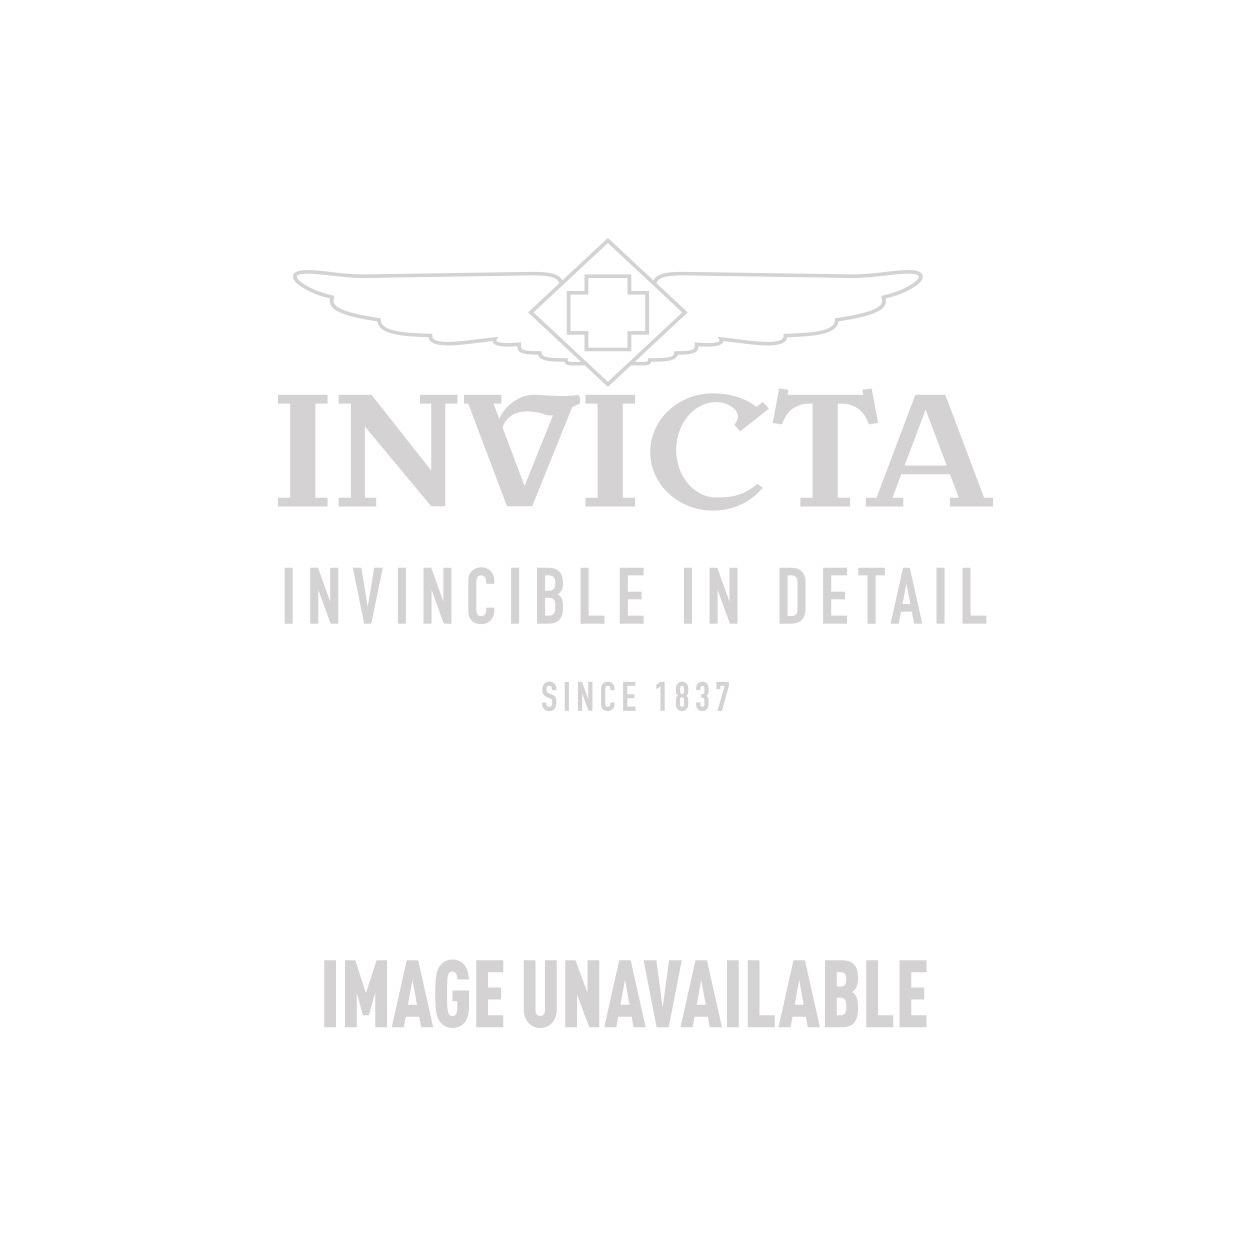 Invicta Model 25045